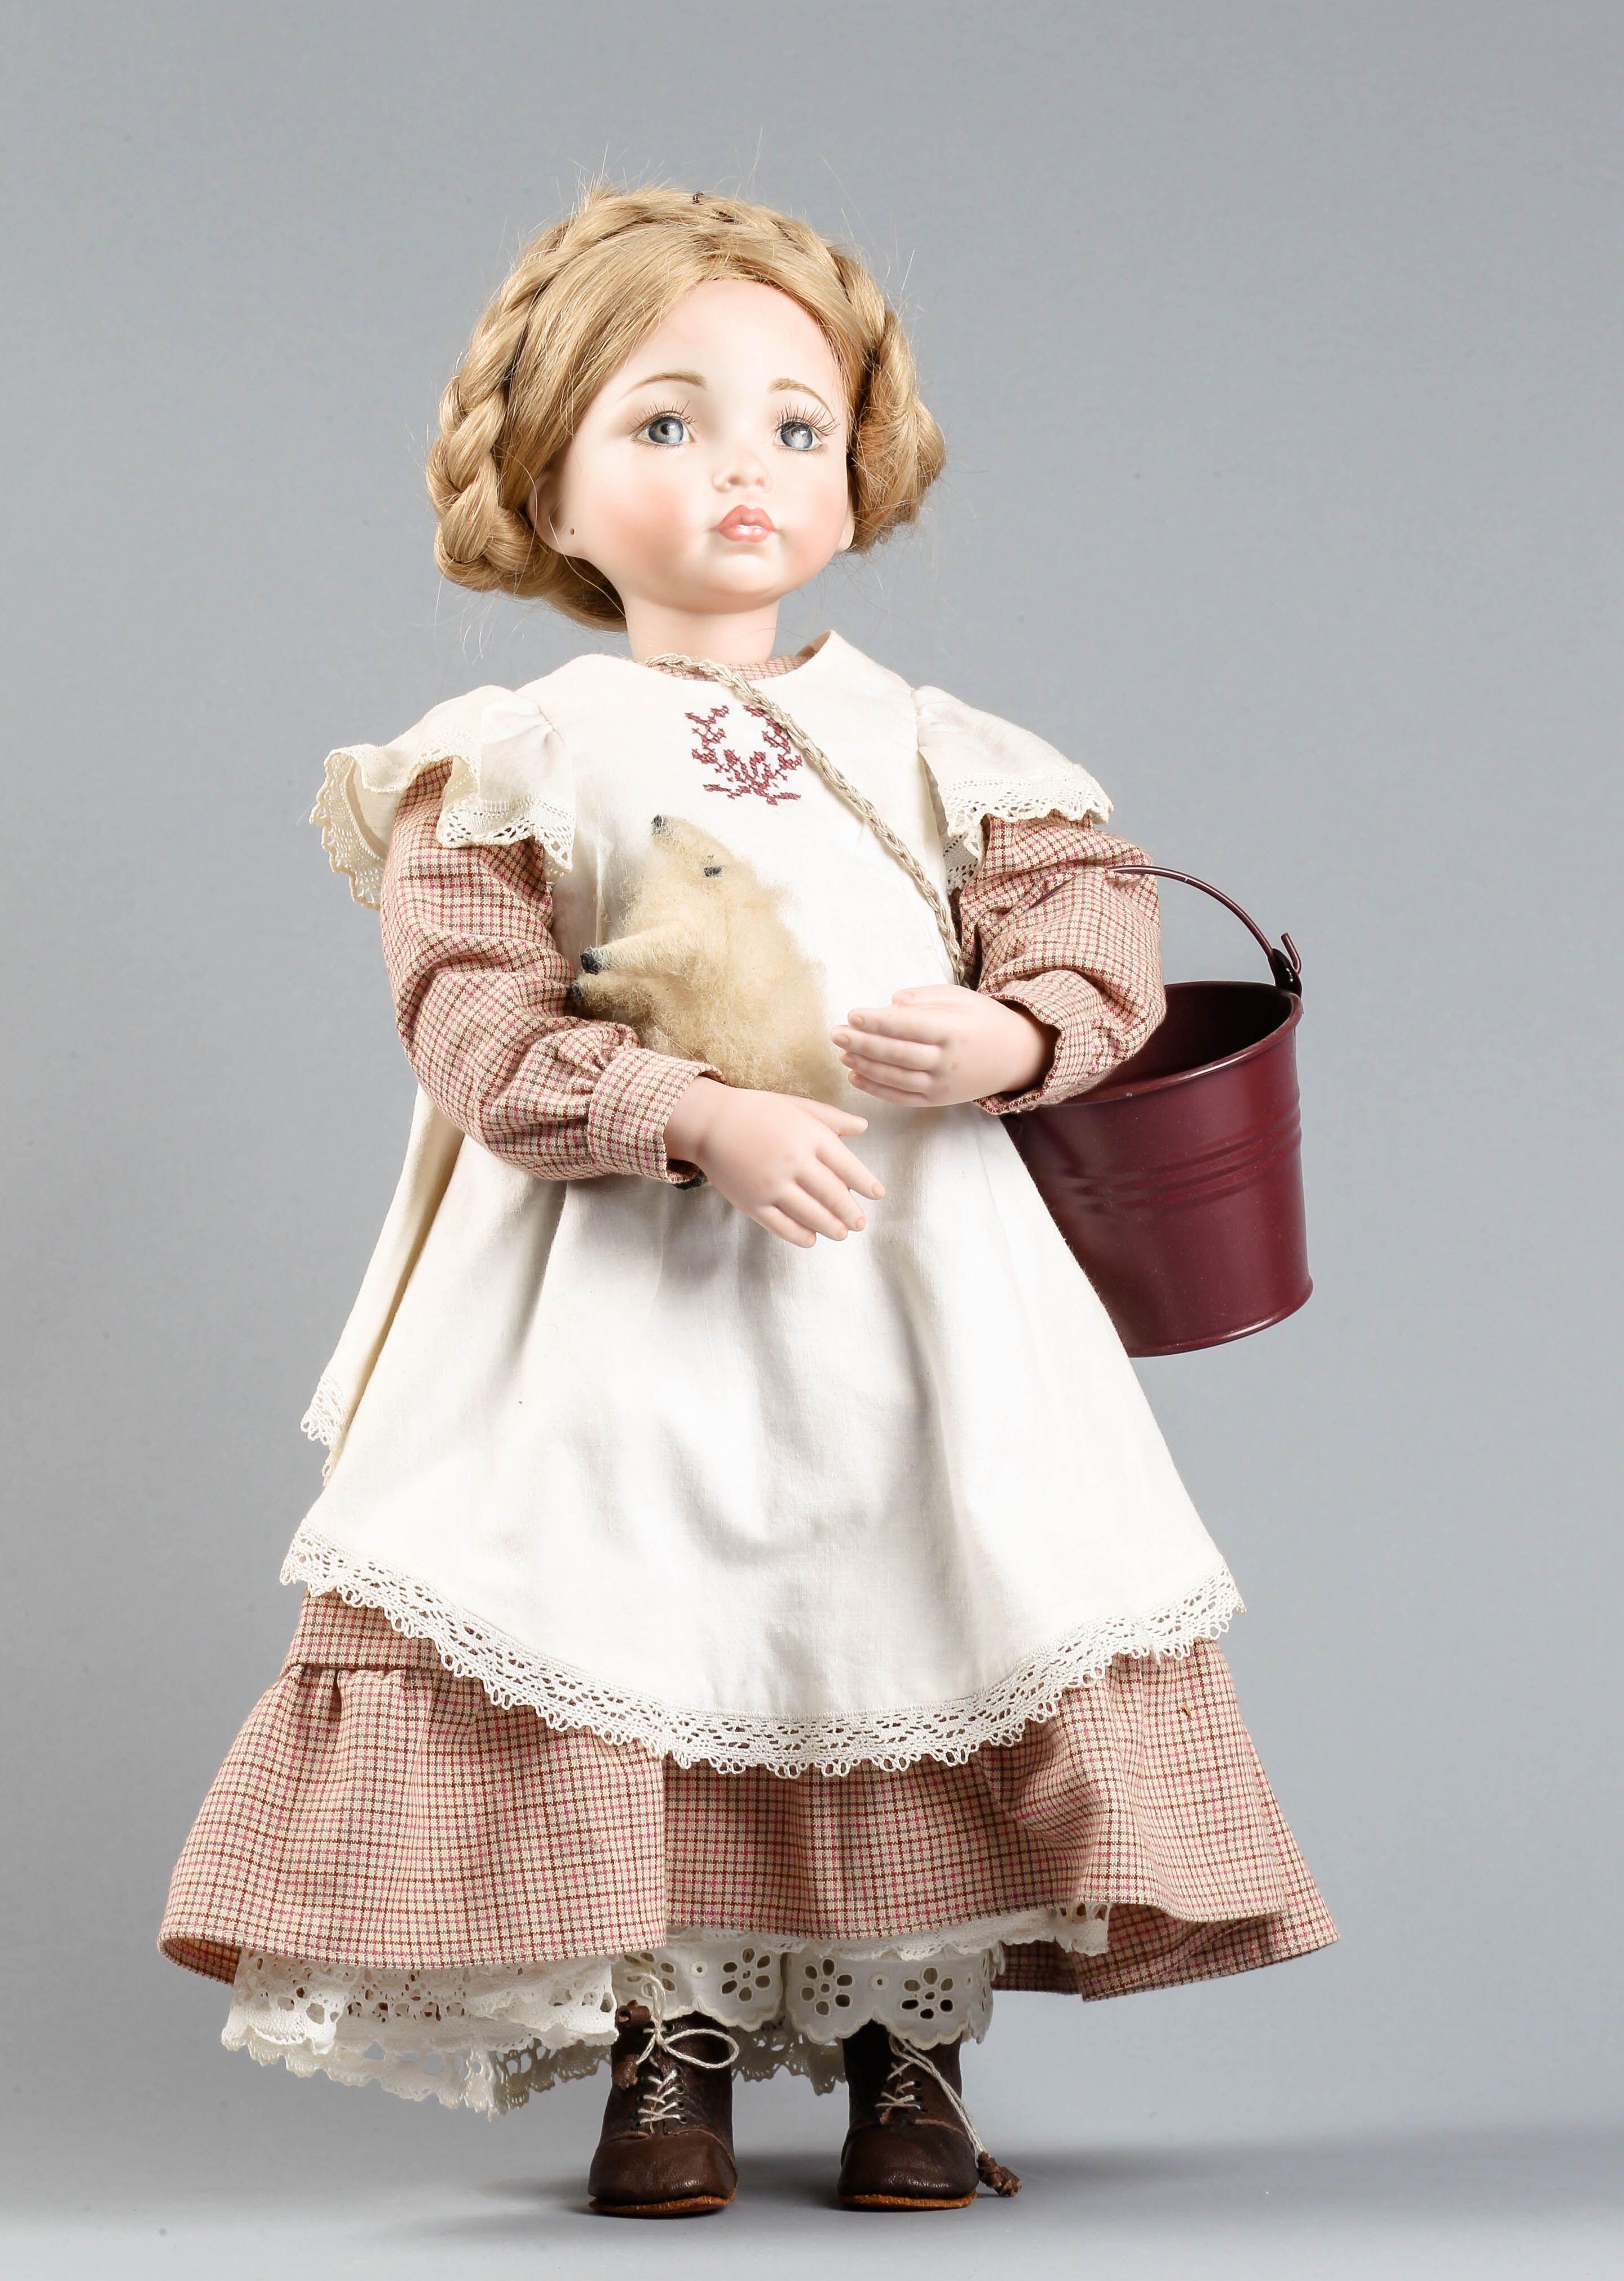 Posliininukke, valmistaja: Emma Fall, yhdysvaltalaiseen nukkeen pohjautuva repro, k 50 cm.